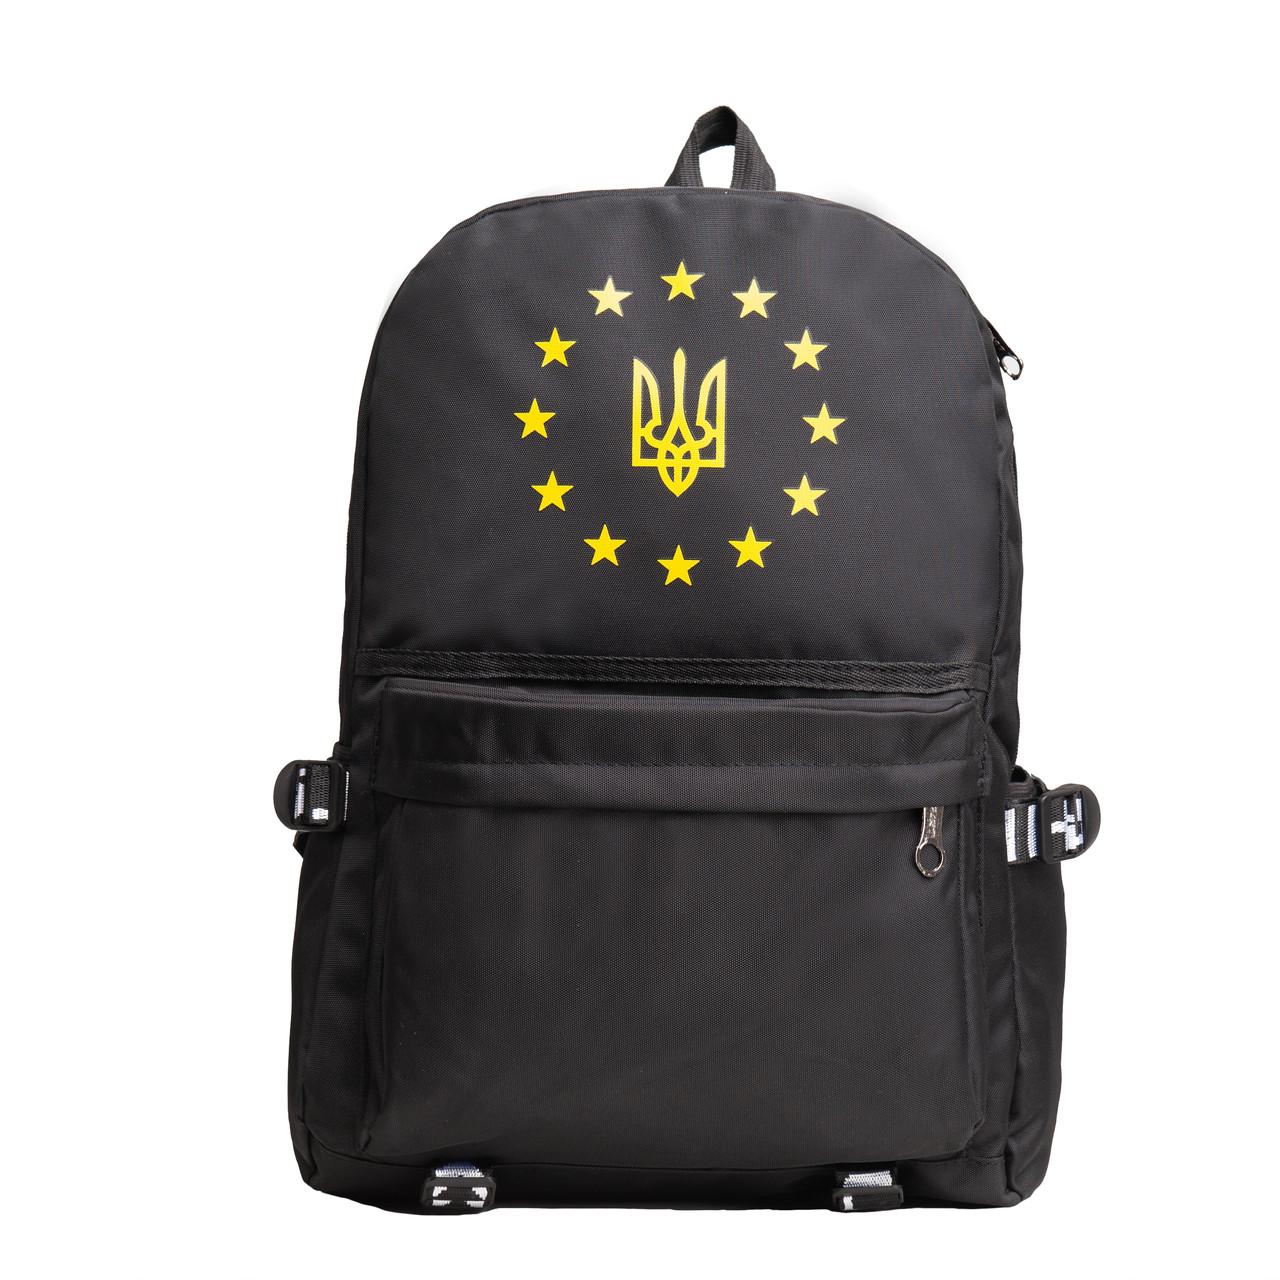 Рюкзак городской BagHouse Limited edition ткань чёрный нейлон  45х33х14   ксСТ040ч